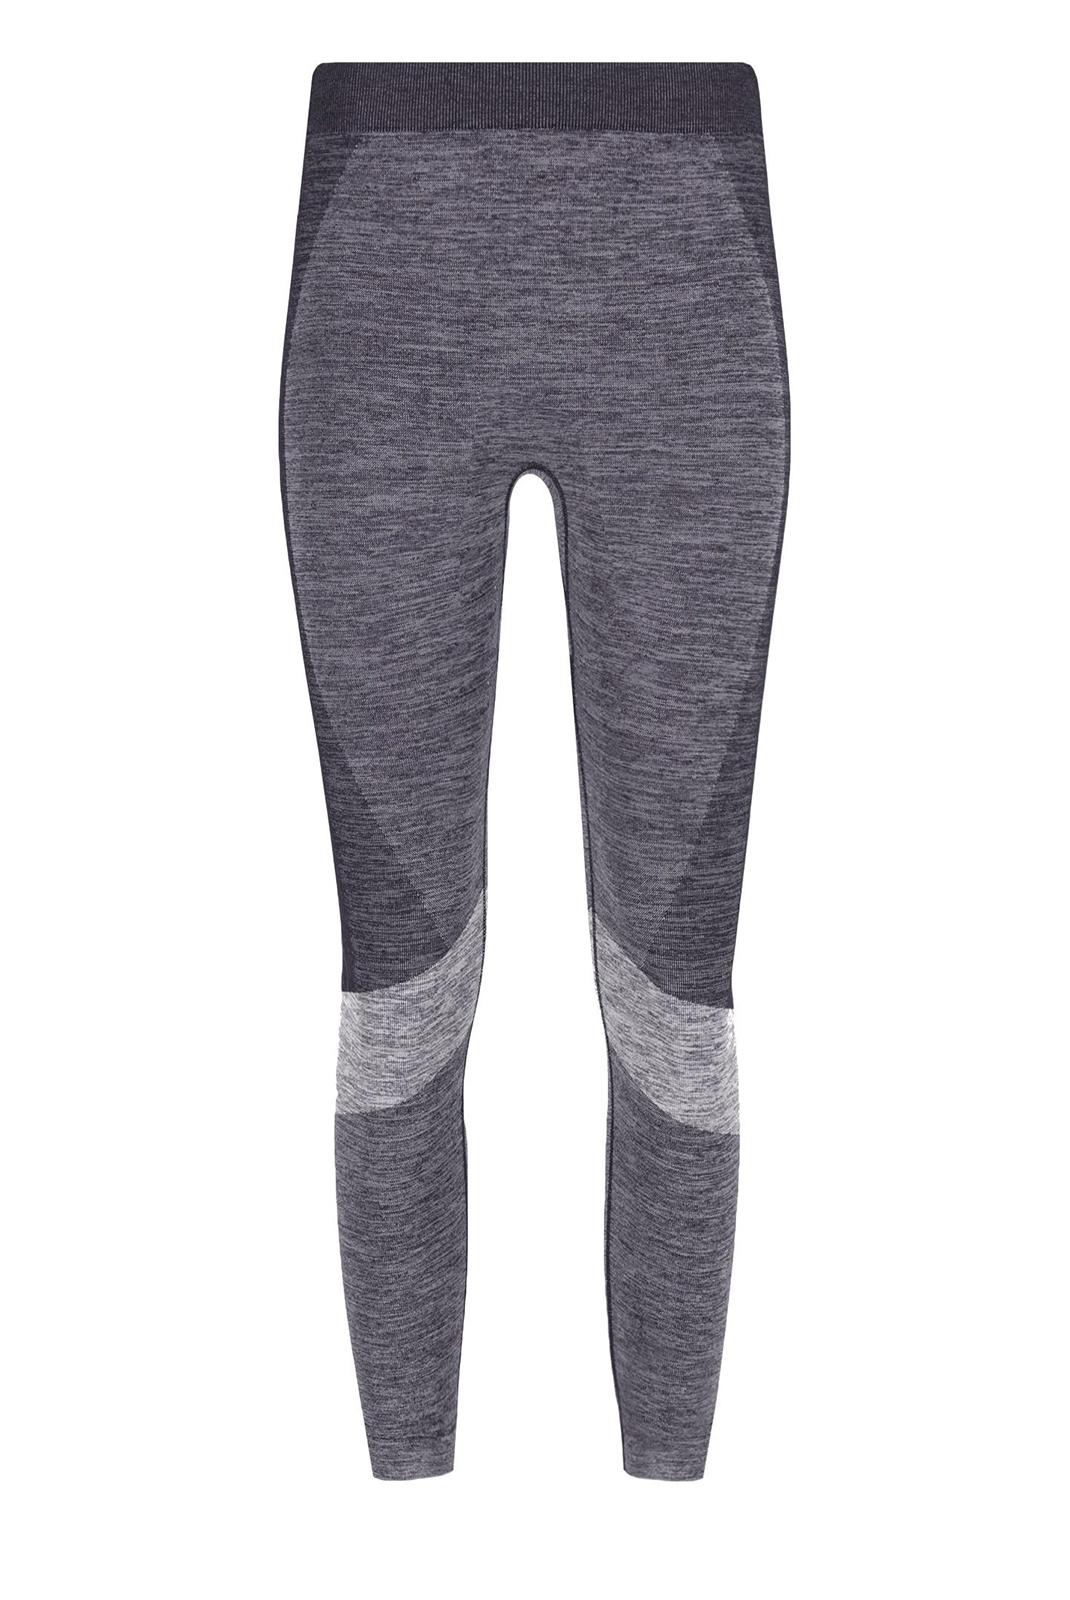 Pantalons  Guess jeans O84A31 JR03C MGT